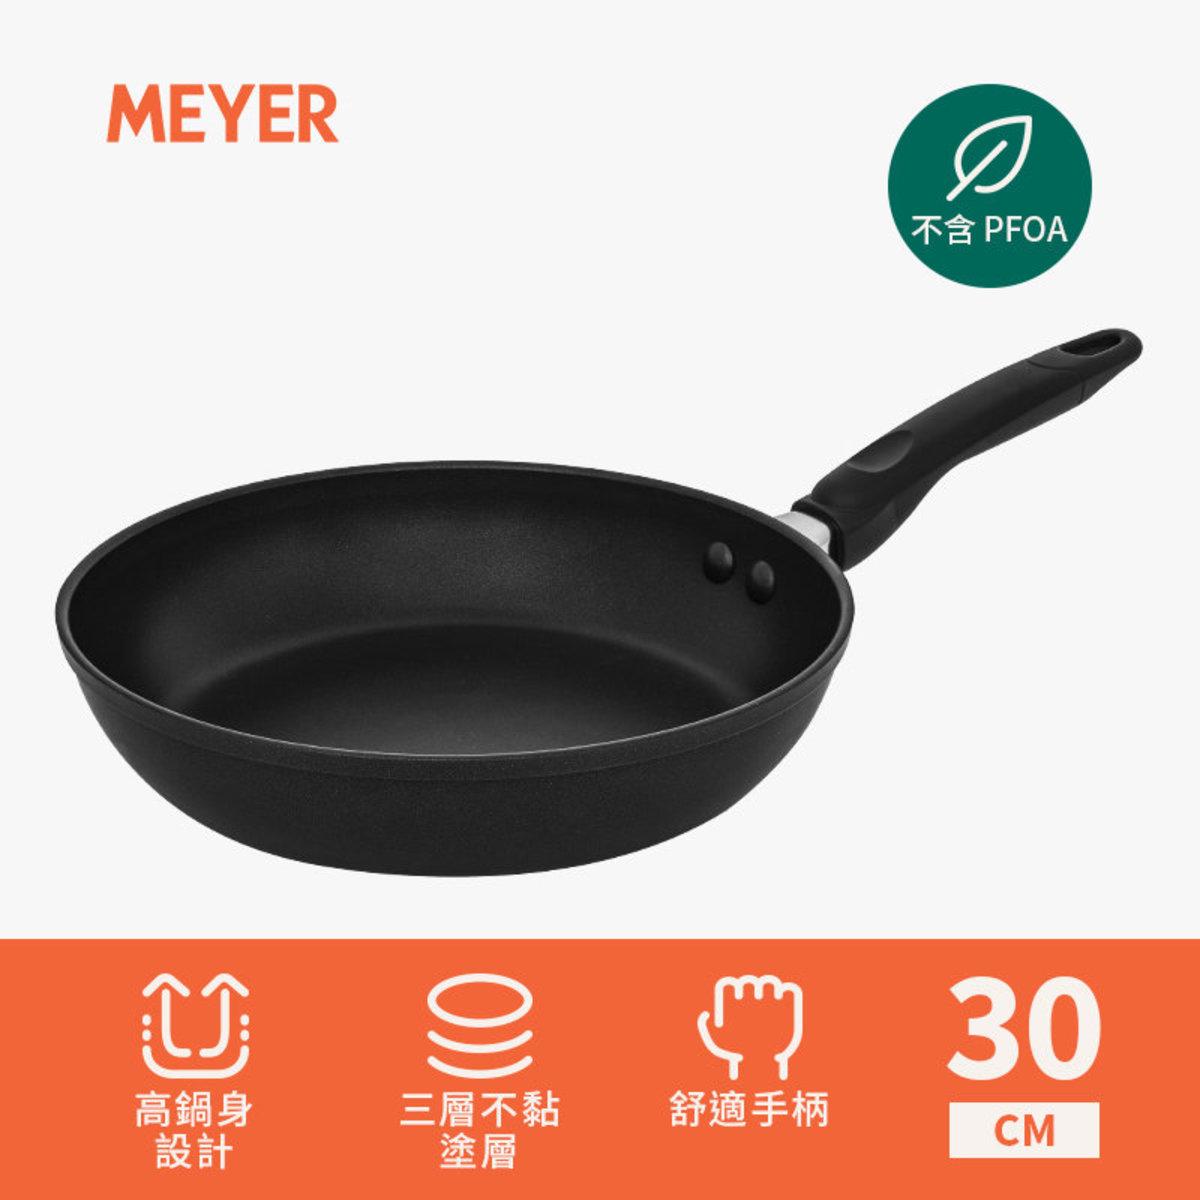 (電磁爐適用) 30cm 易潔煎鍋 - COOK 'N LOOK (#18893)